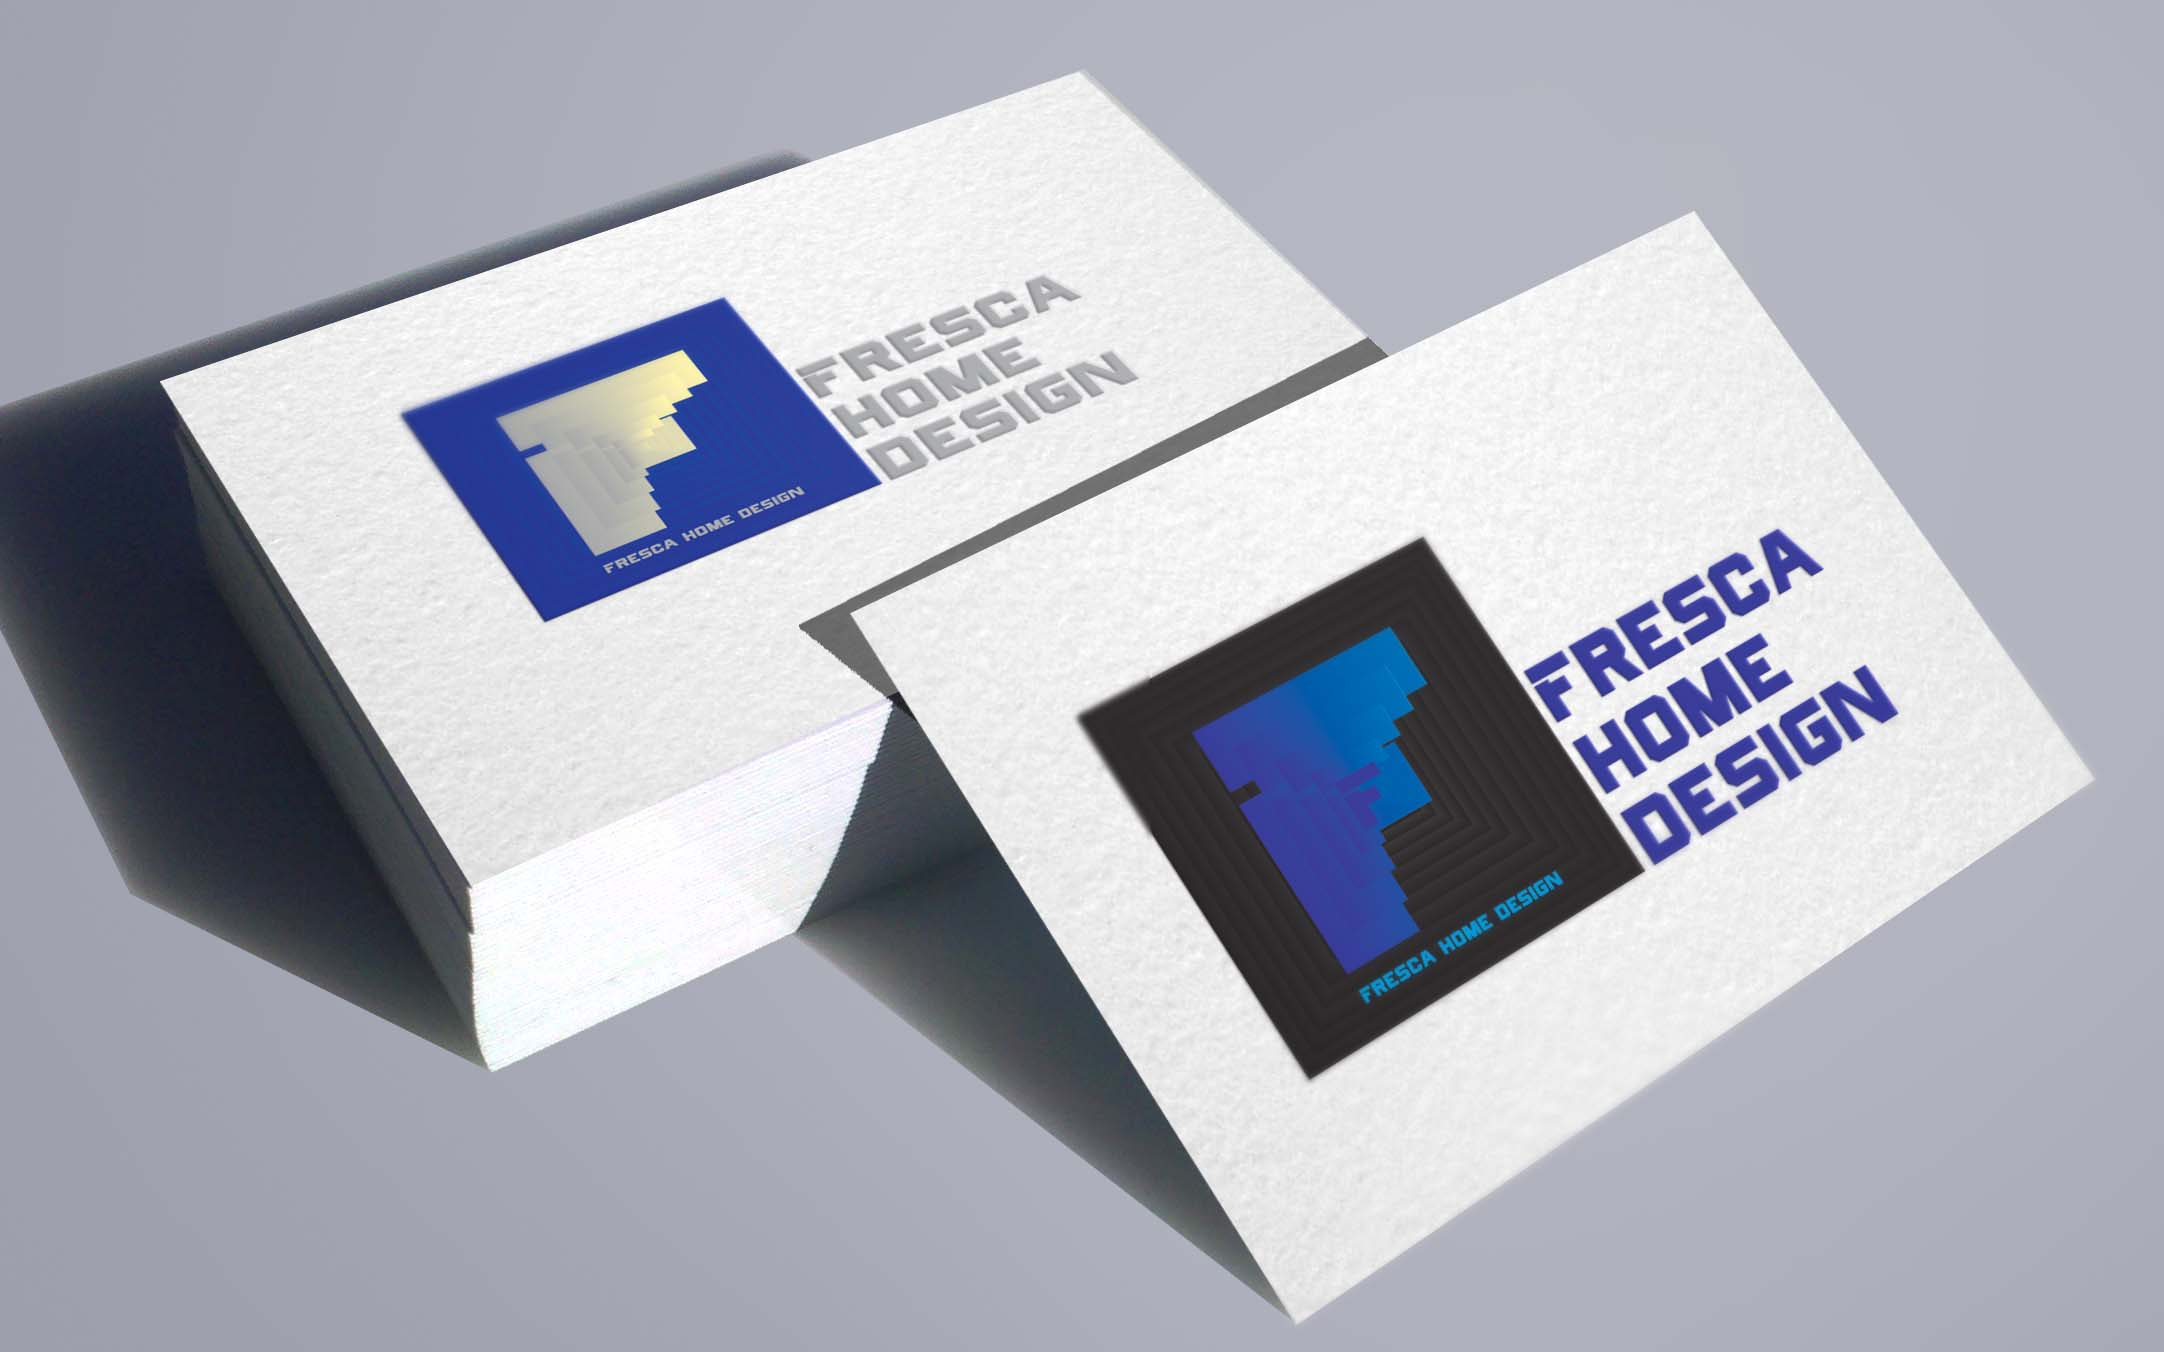 Разработка логотипа и фирменного стиля  фото f_5795a9faeee487bc.jpg